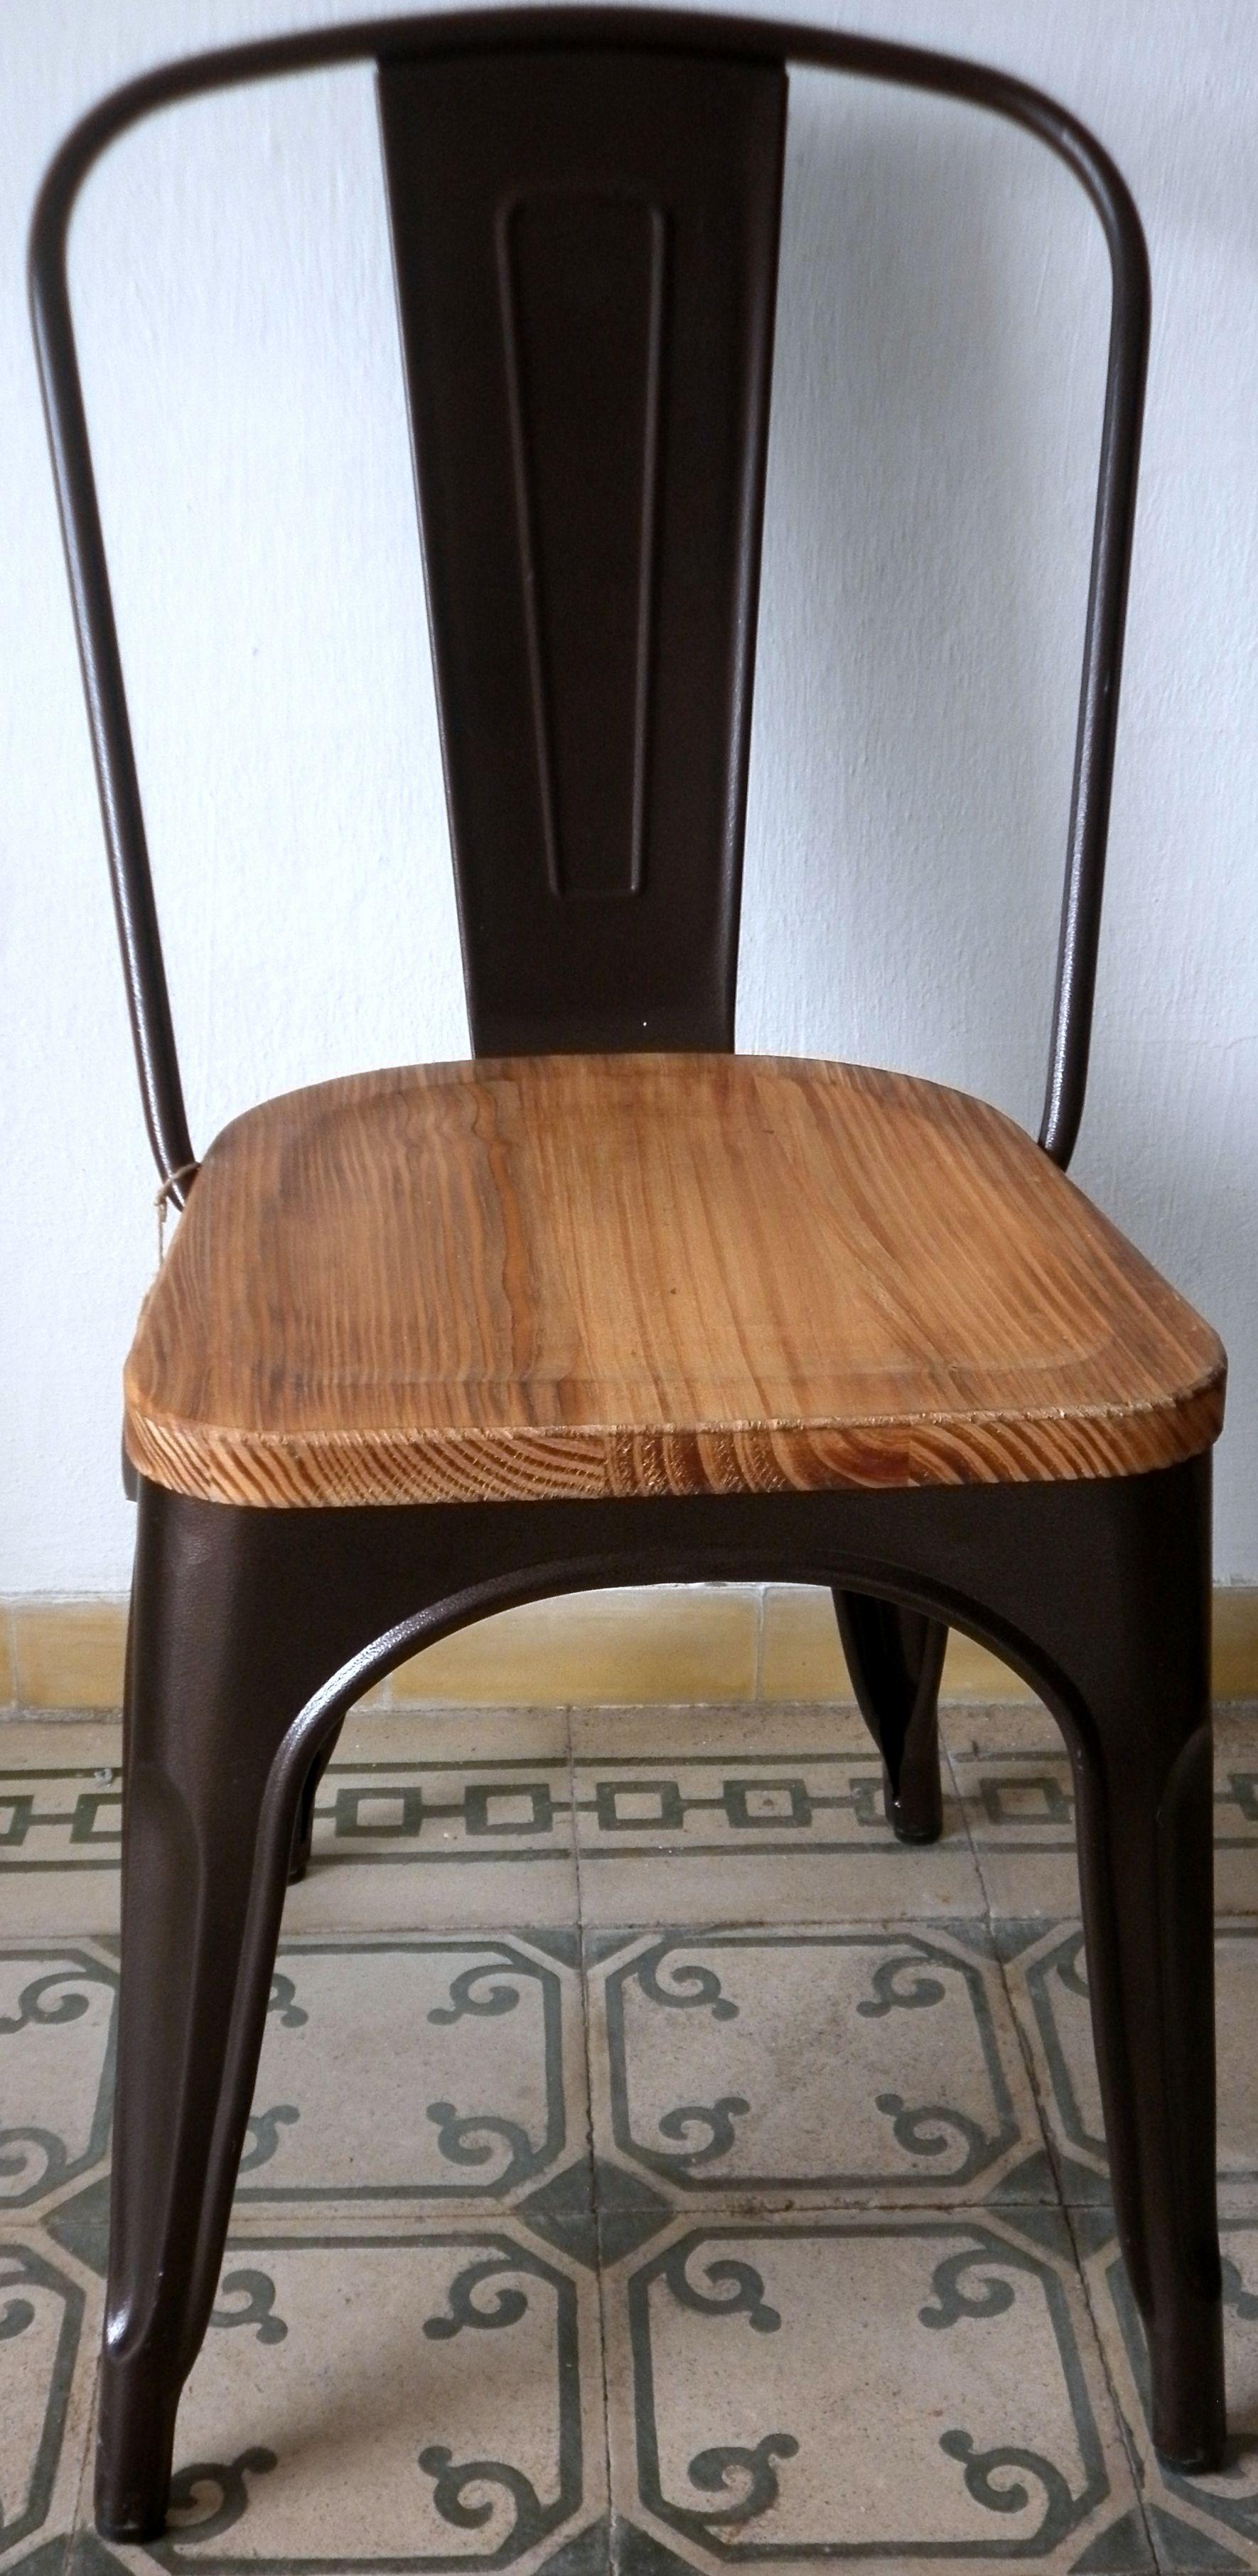 Silla chapa y madera decoracion muebles vintage muebles y sillas - Muebles de chapa ...